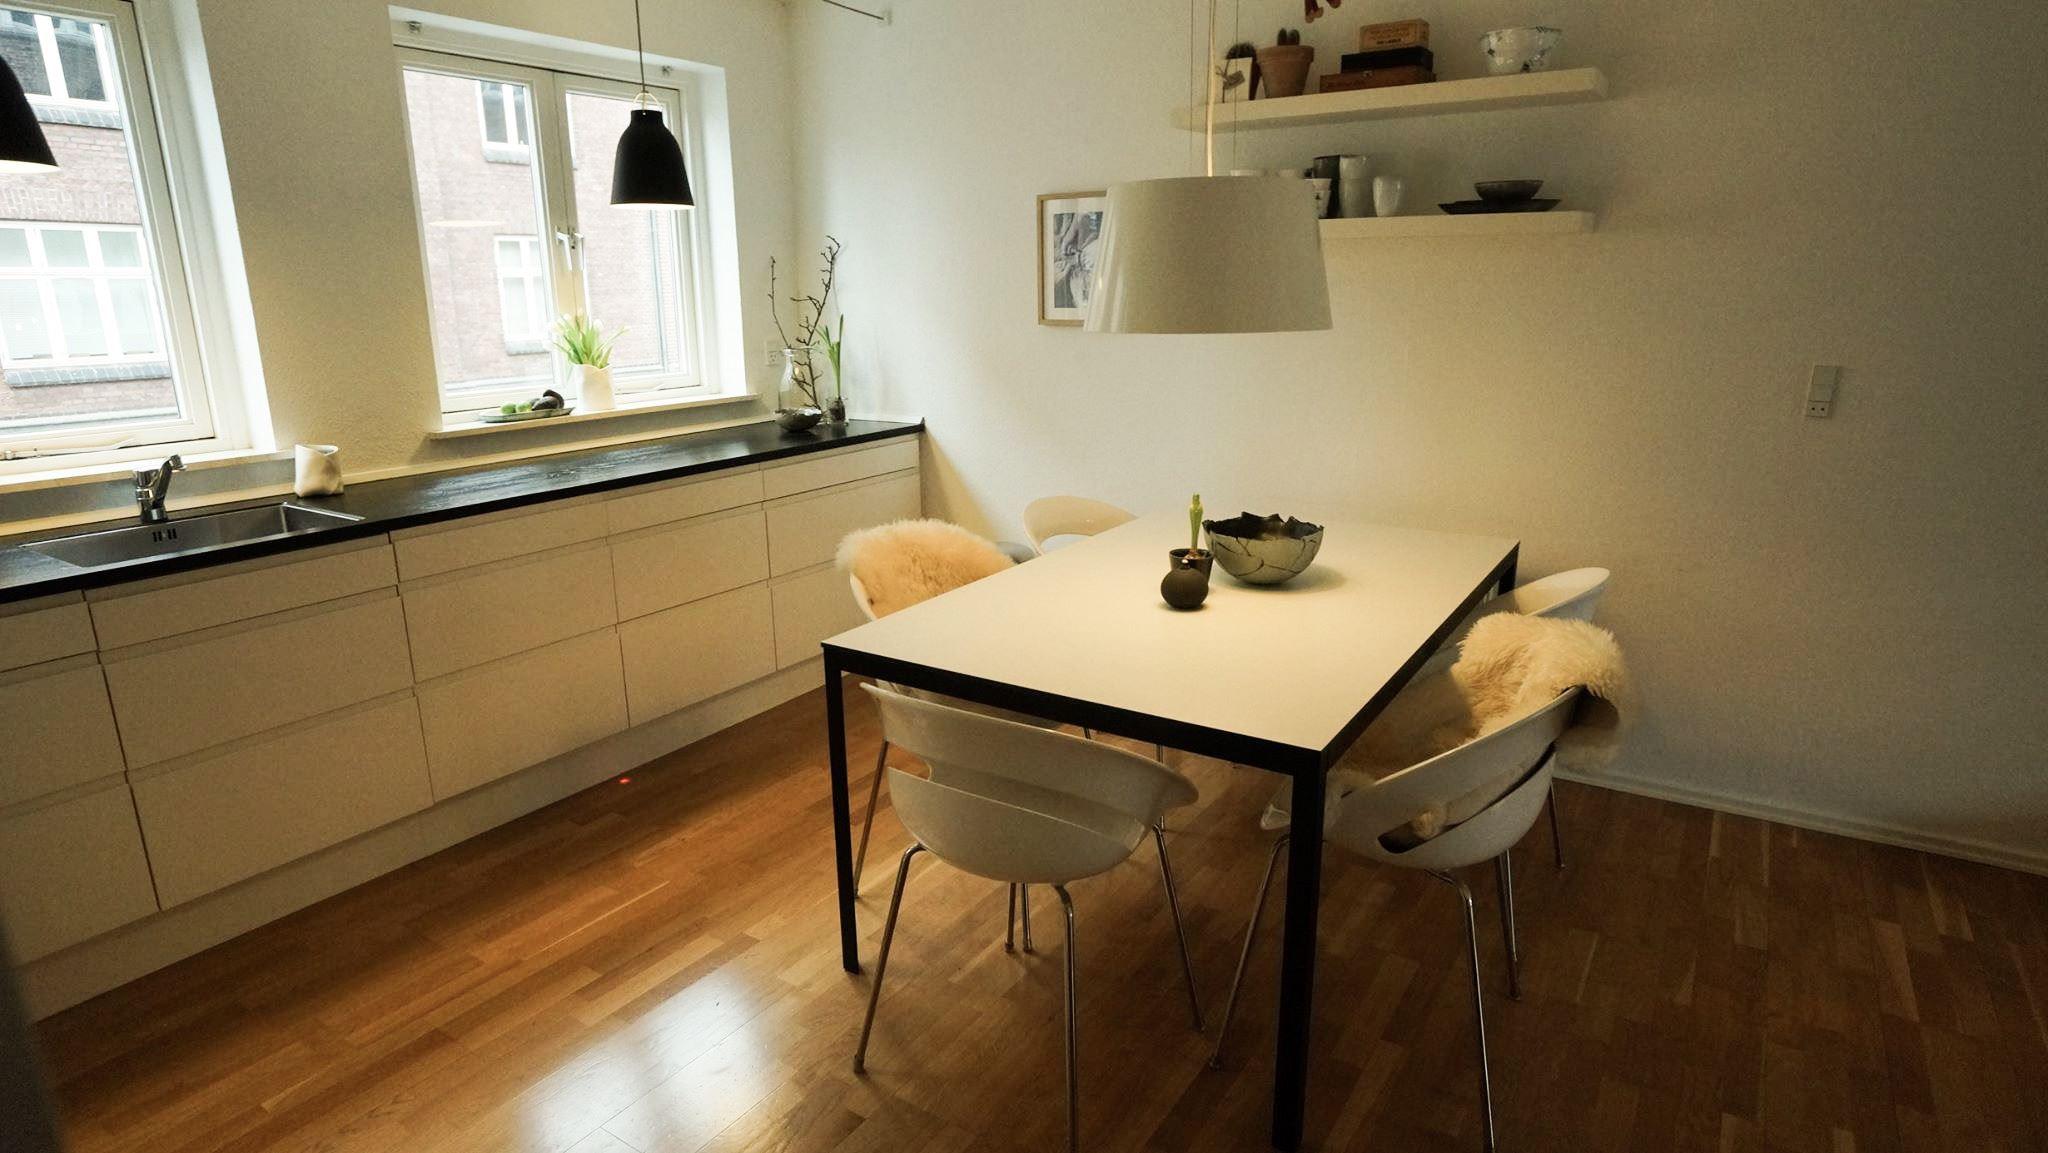 Vestergade 79, 1. tv., 8000 Aarhus C